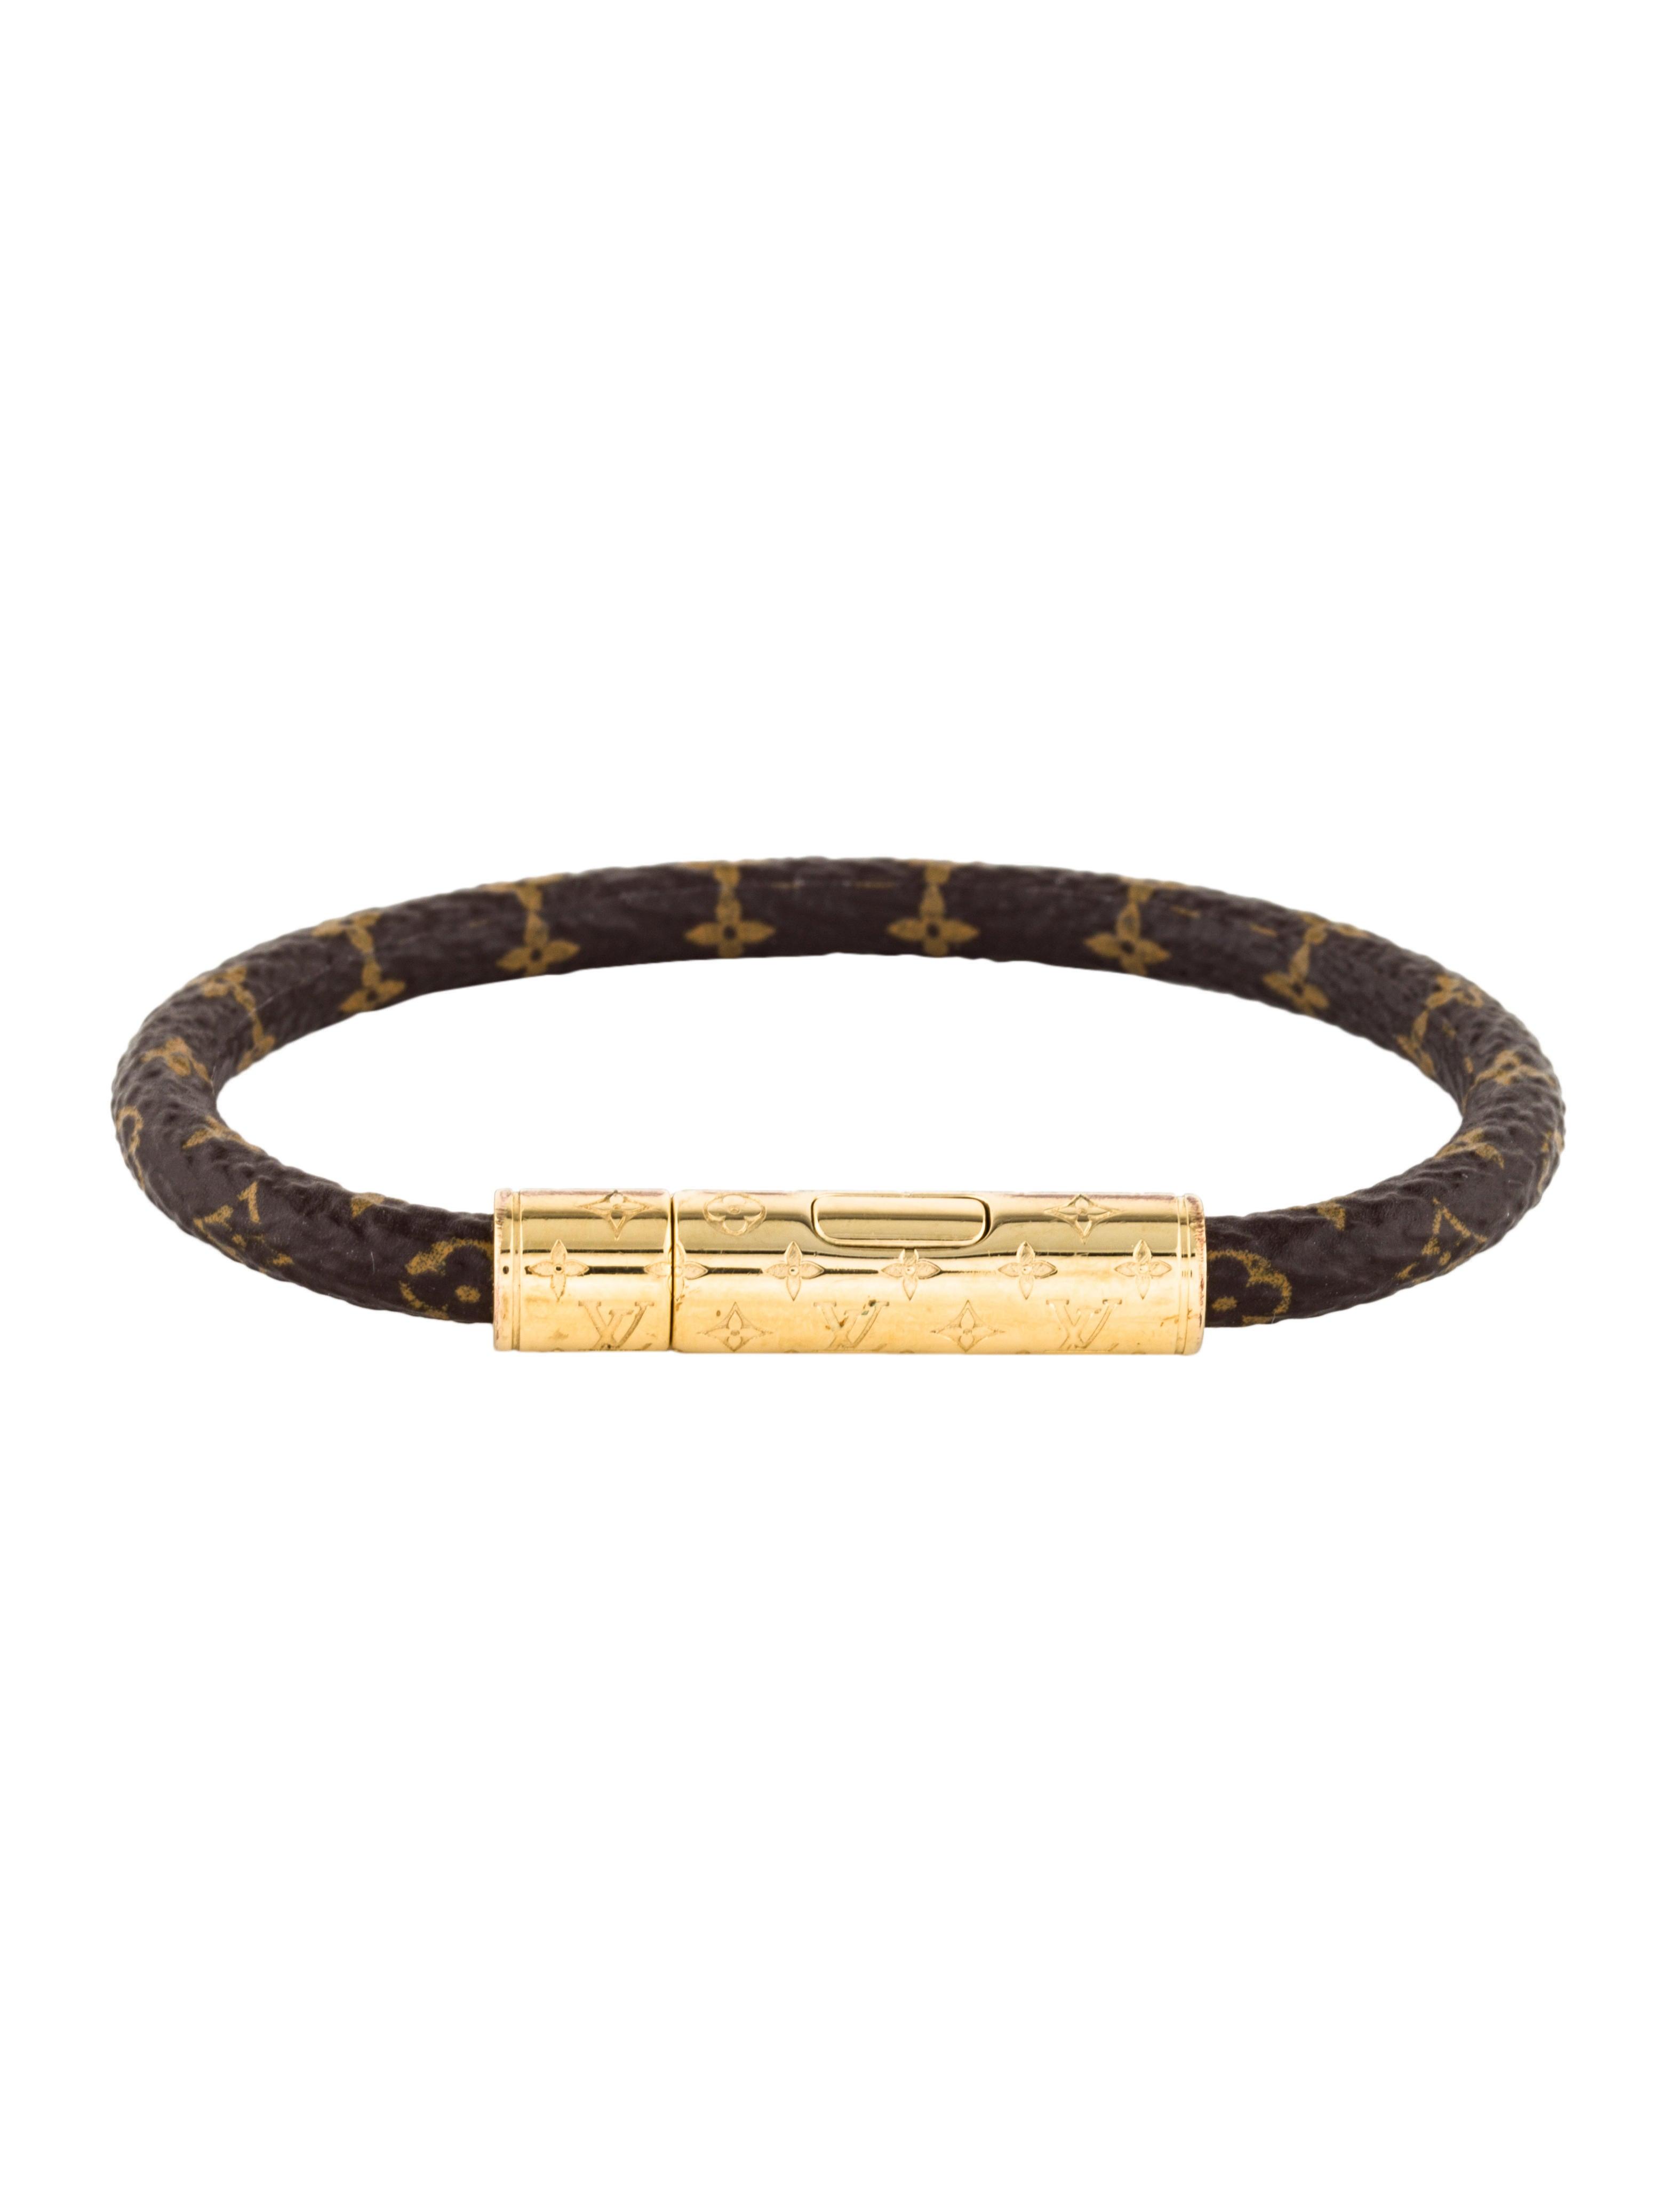 680160736d719 Louis Vuitton LV Confidential Bracelet - Bracelets - LOU182724